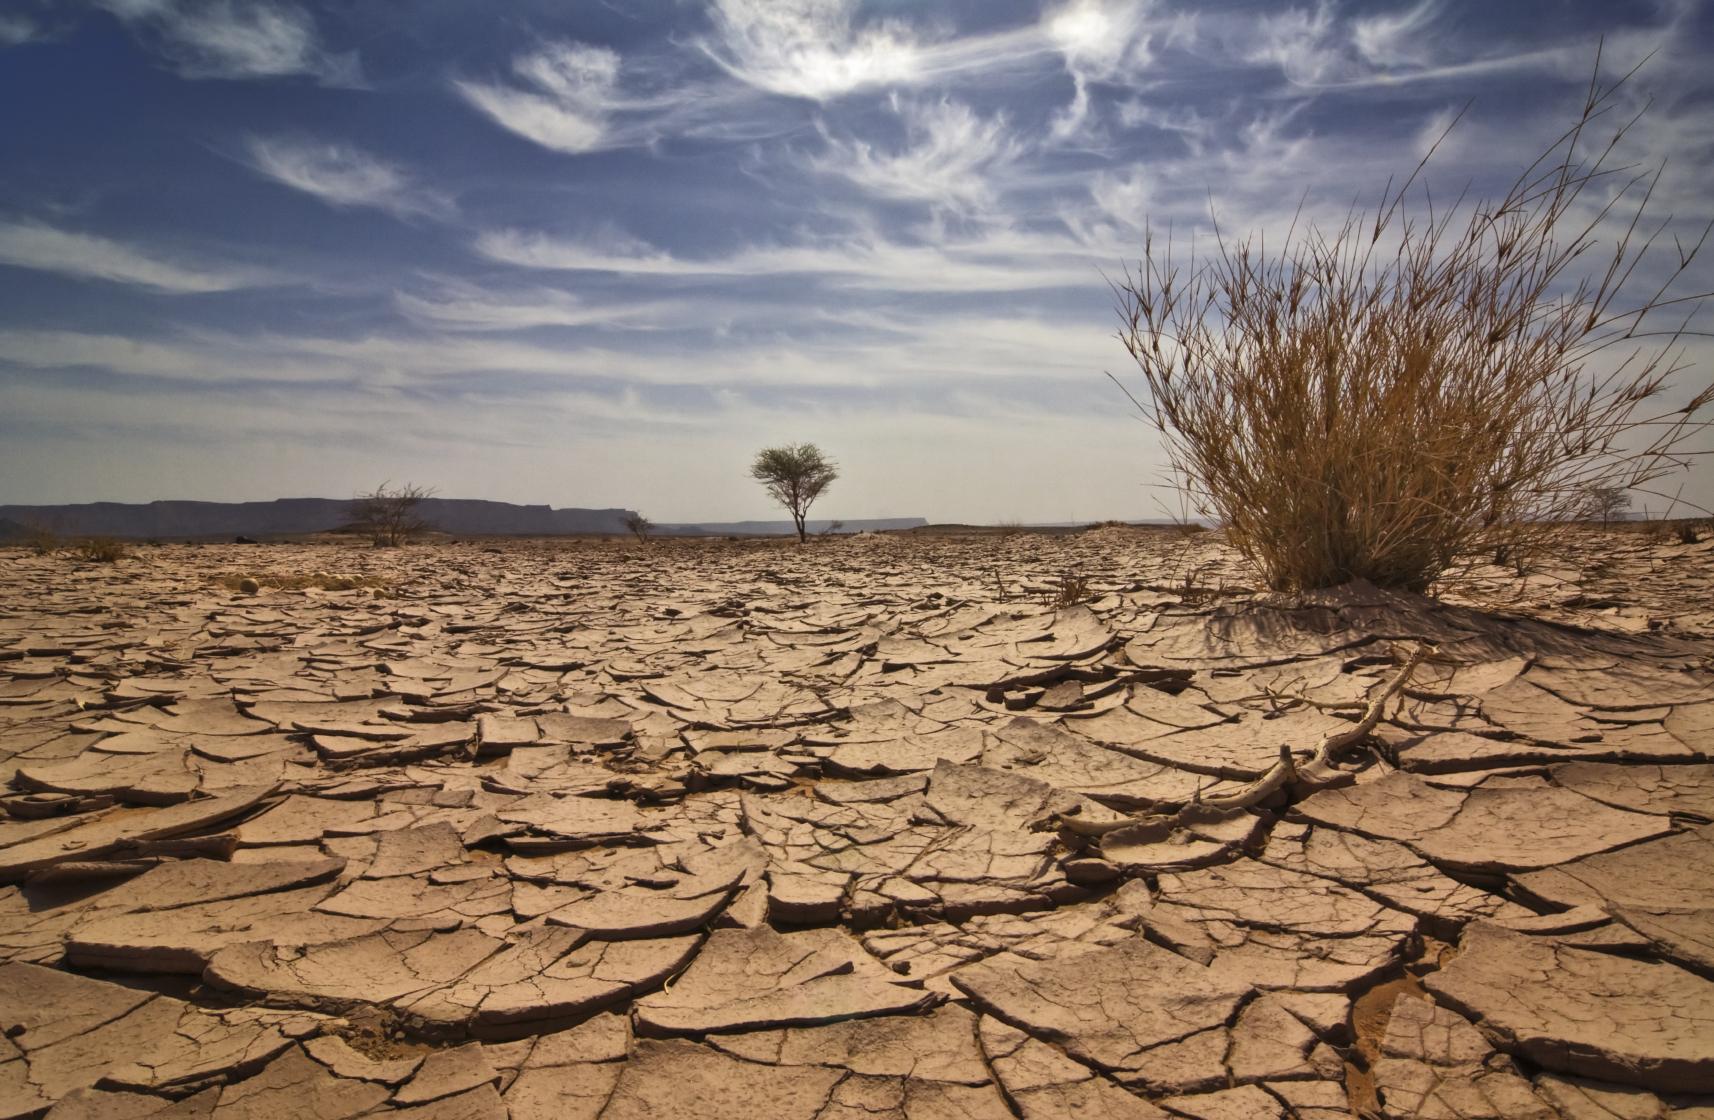 Годы становятся все более сухими, влаголюбивые растения и животные исчезают